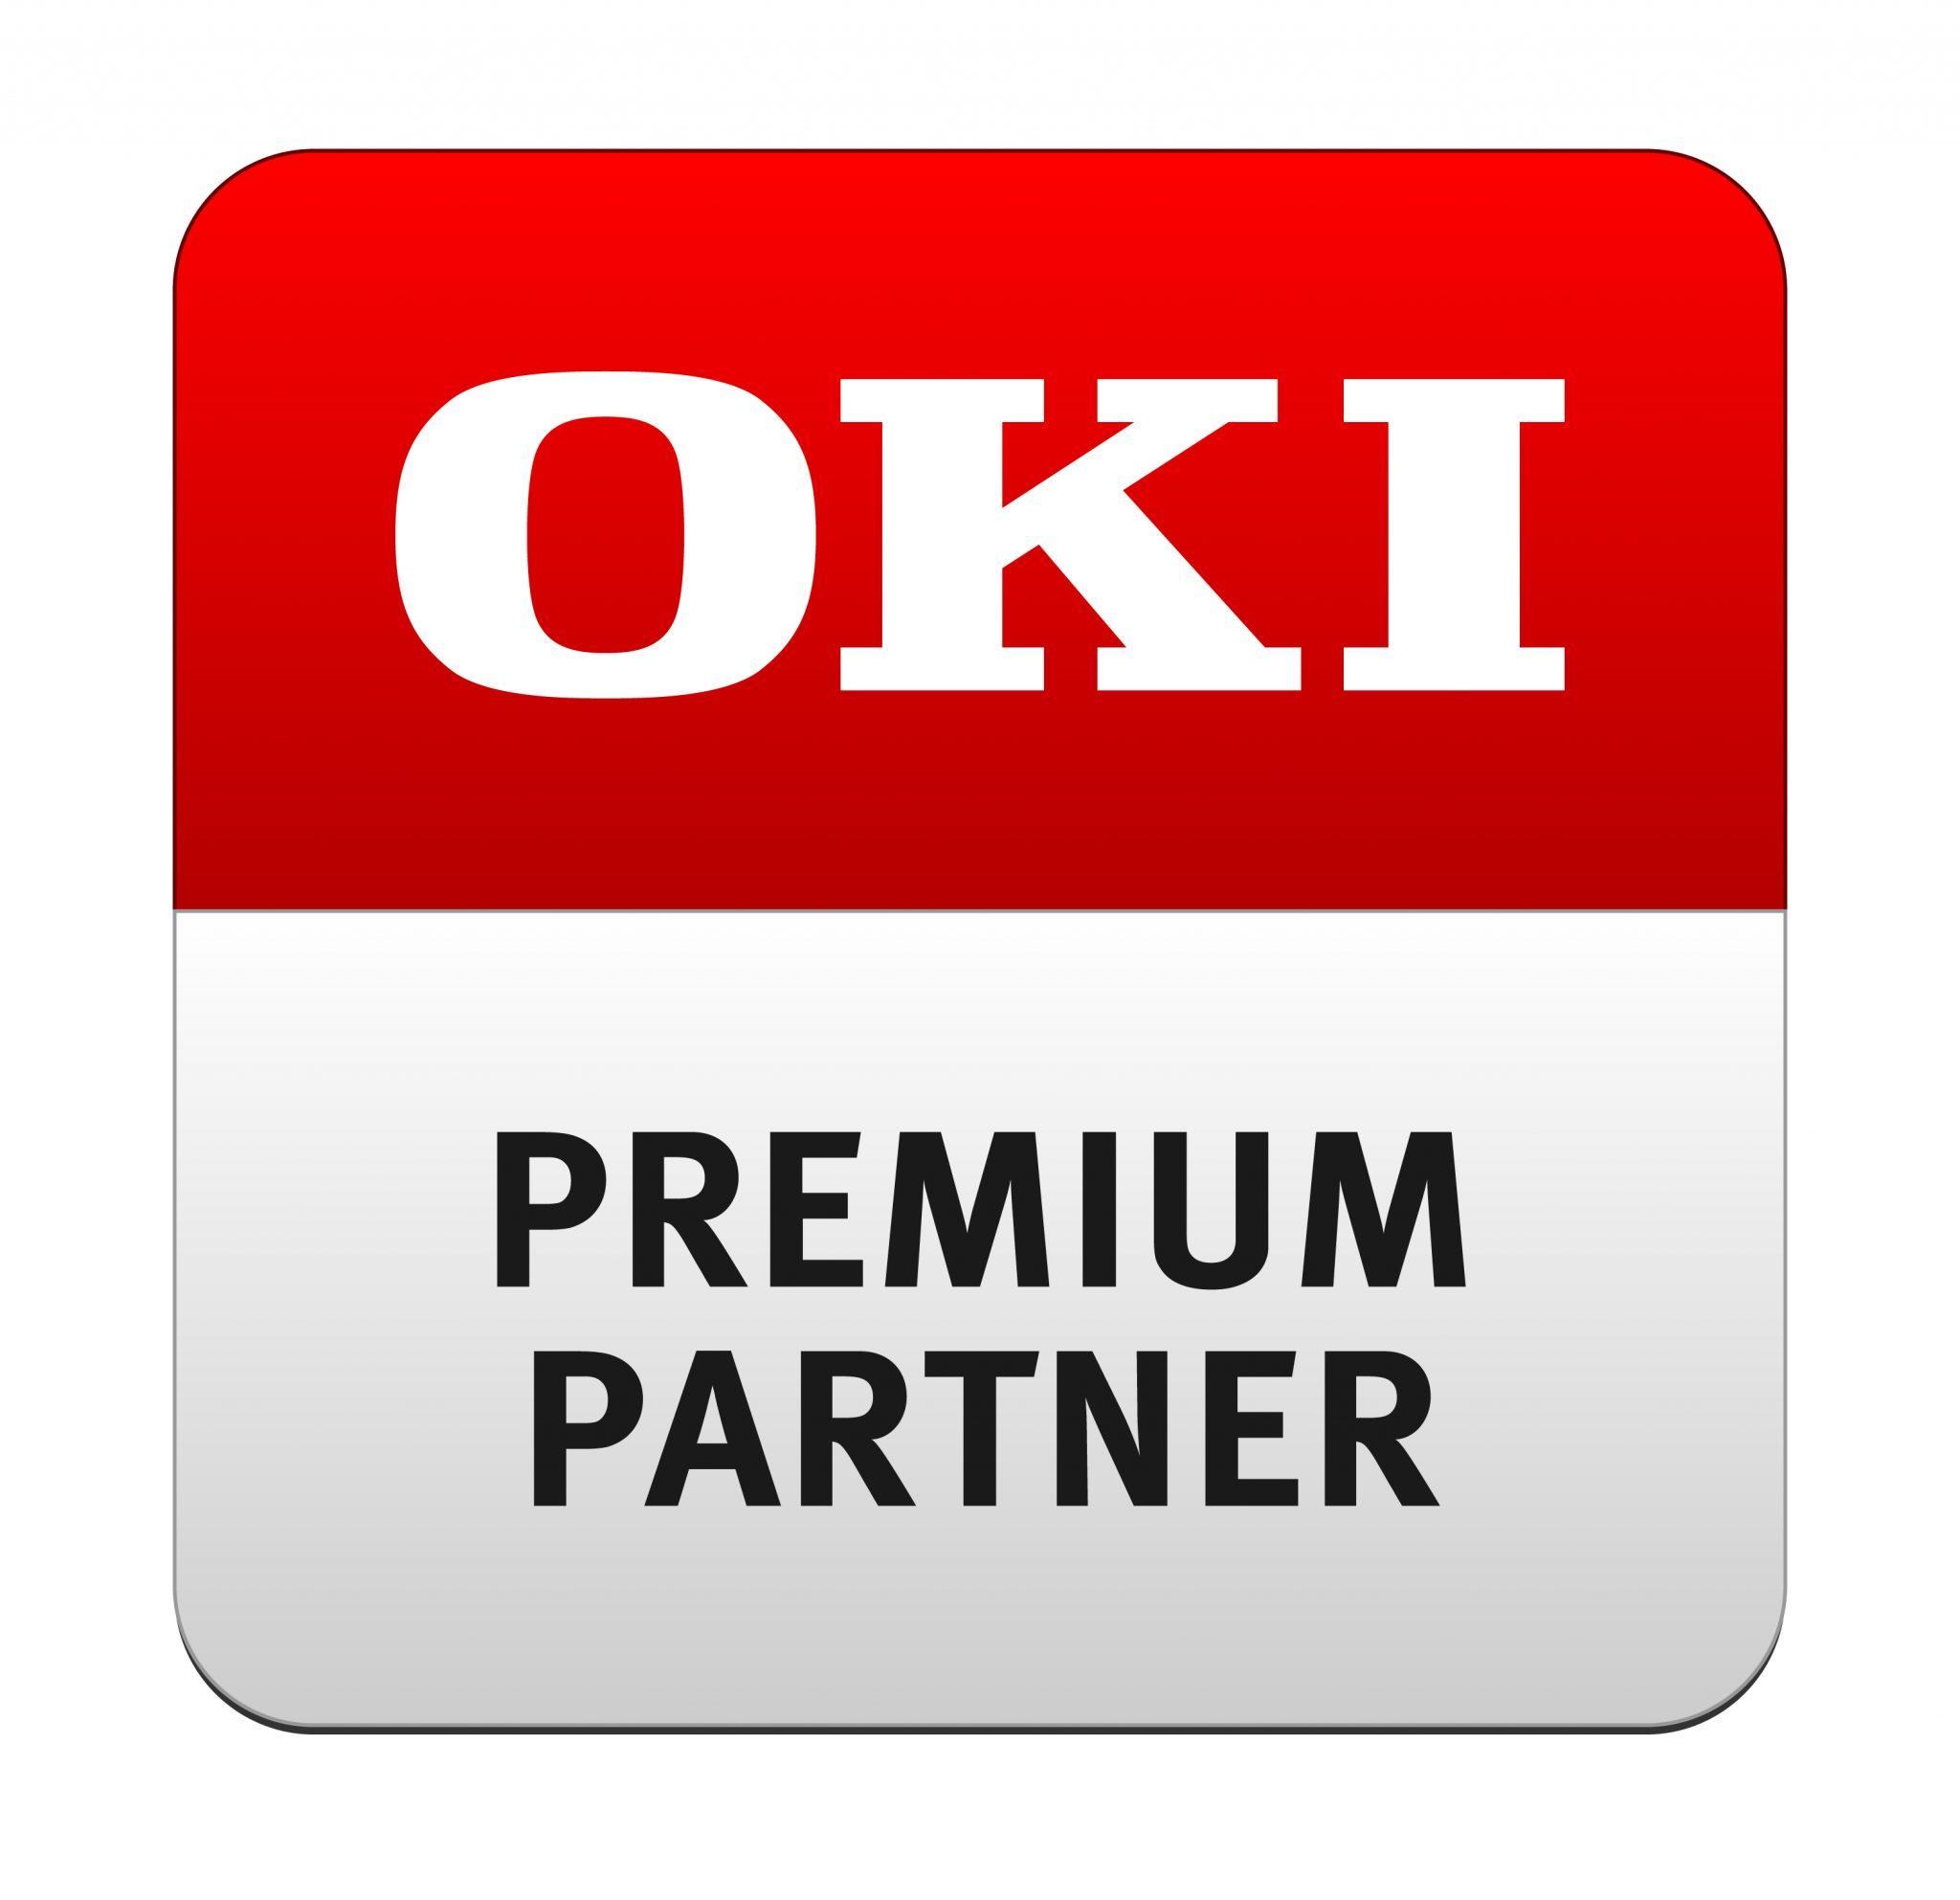 Kröber Computertechnik ist OKI Premium Partner in im Raum Koblenz. Wir bieten OKI Lösungen und Service